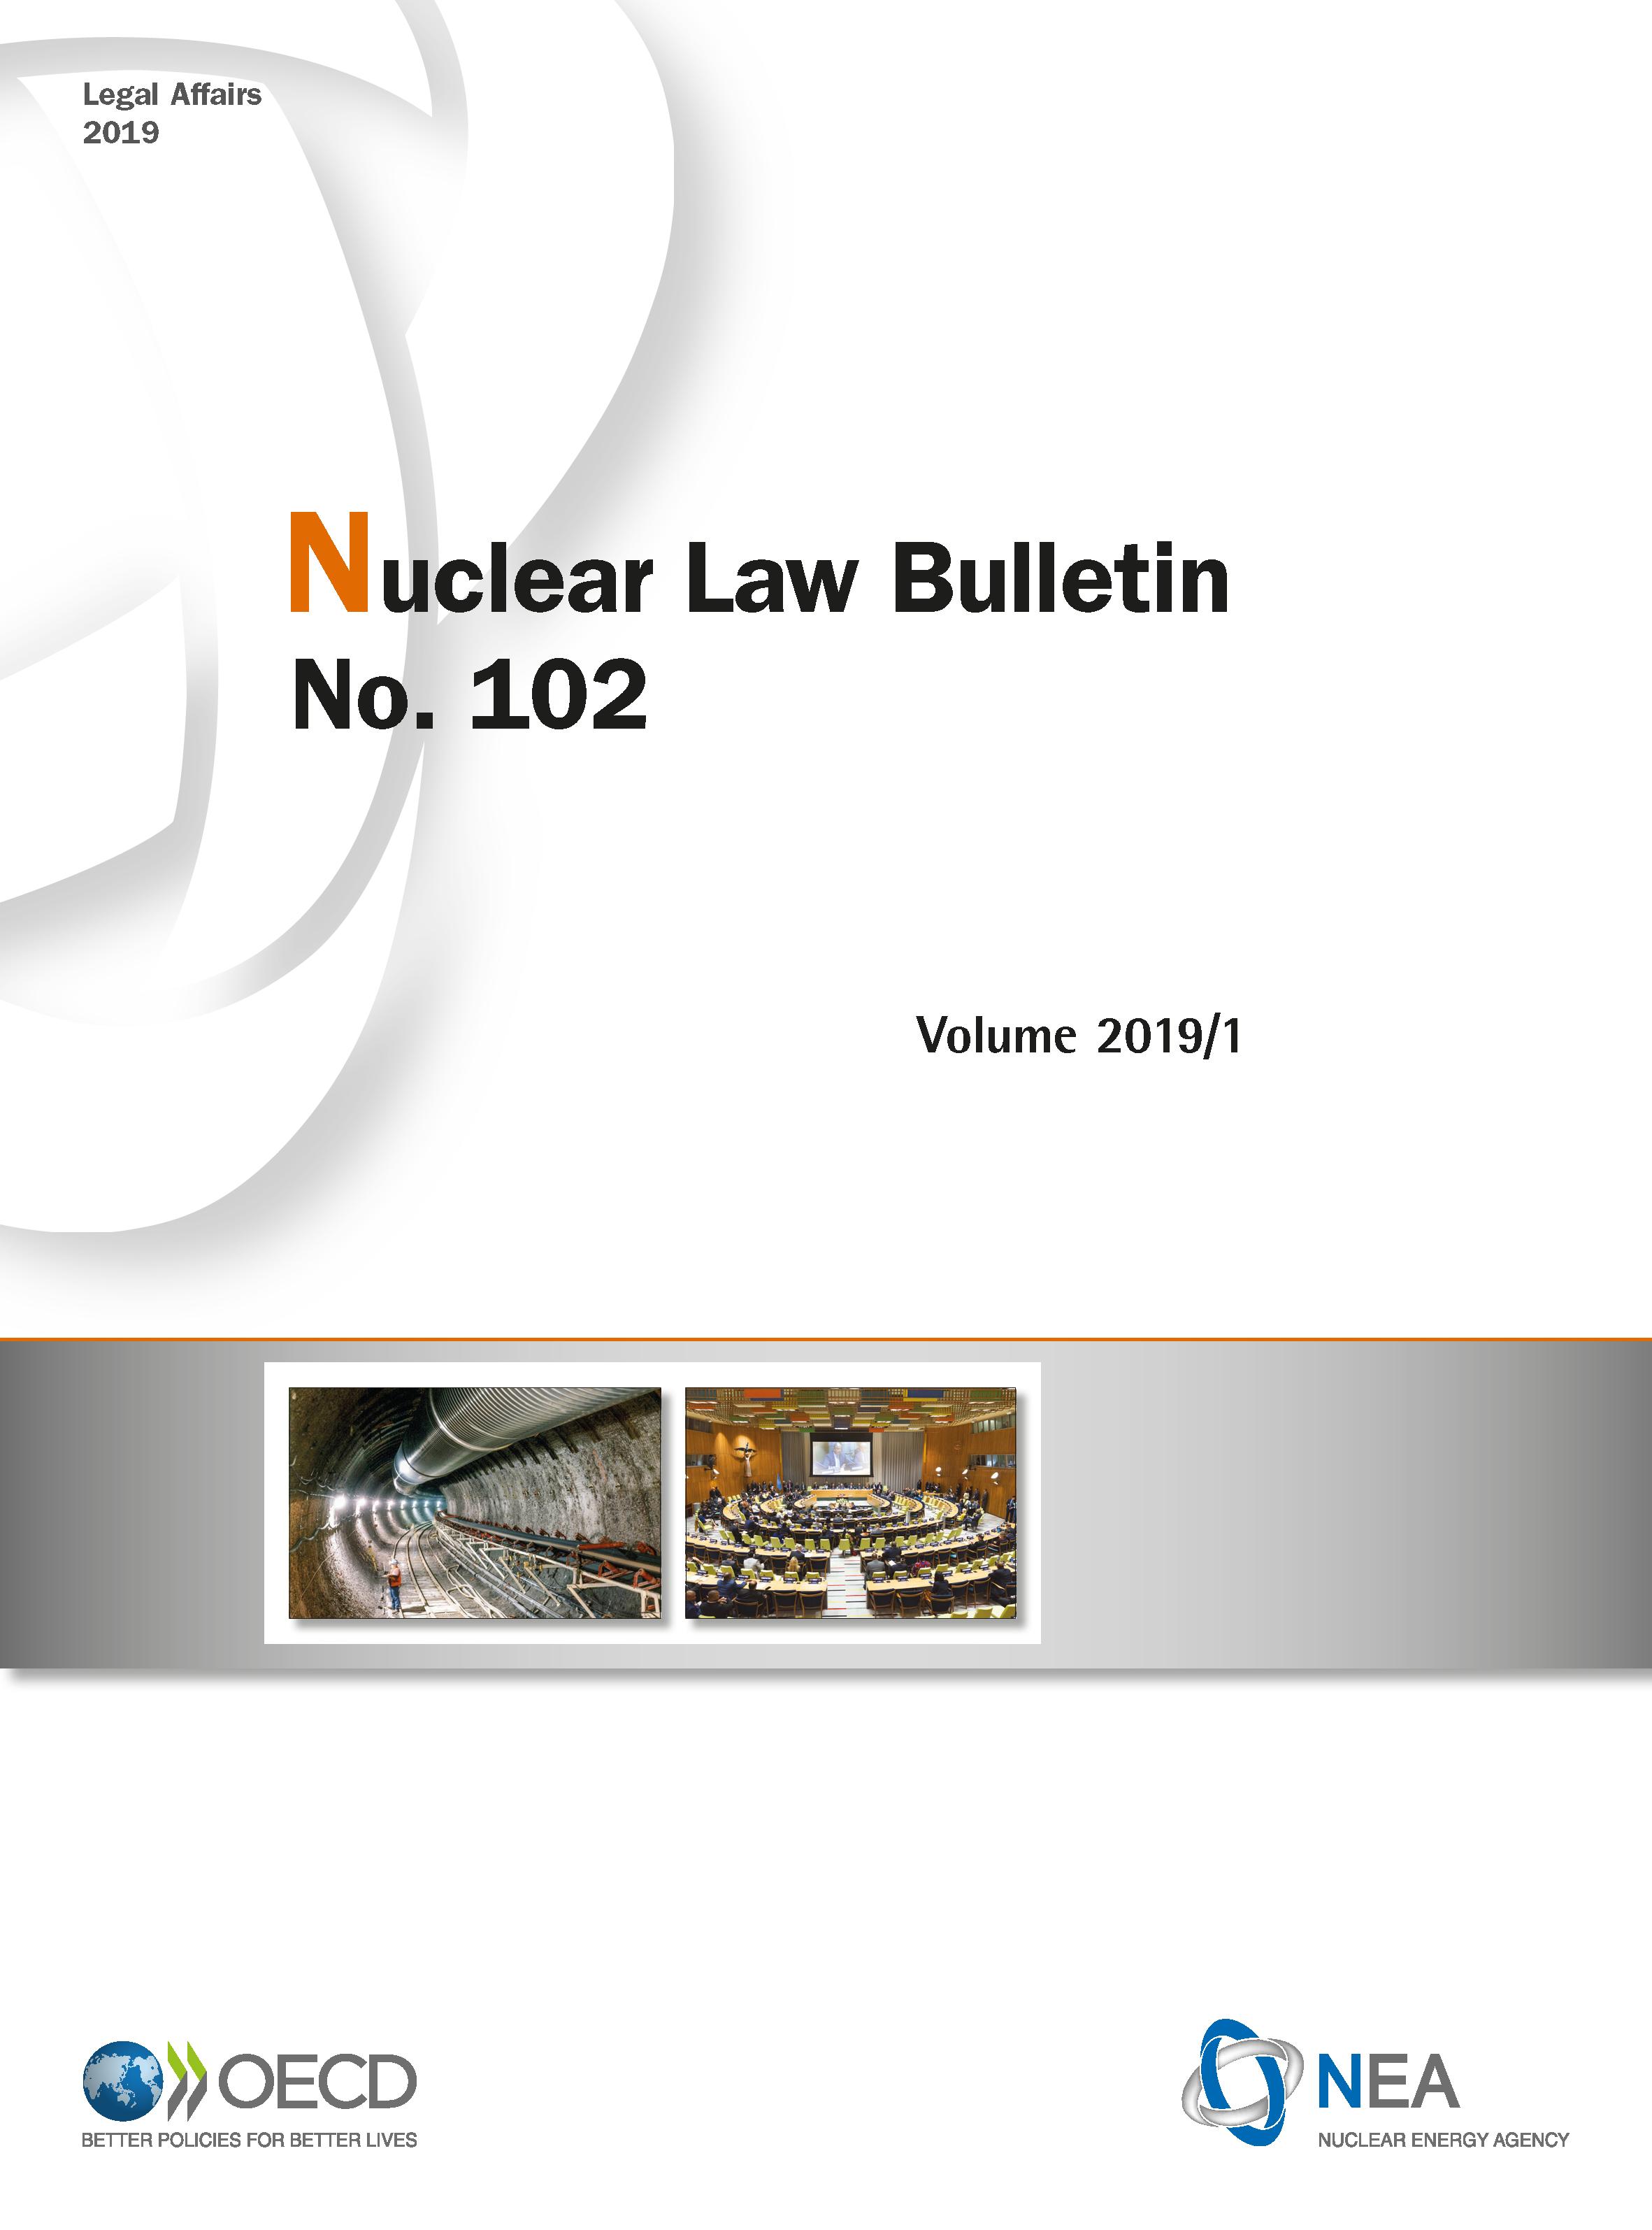 NEA Nuclear Law Bulletin